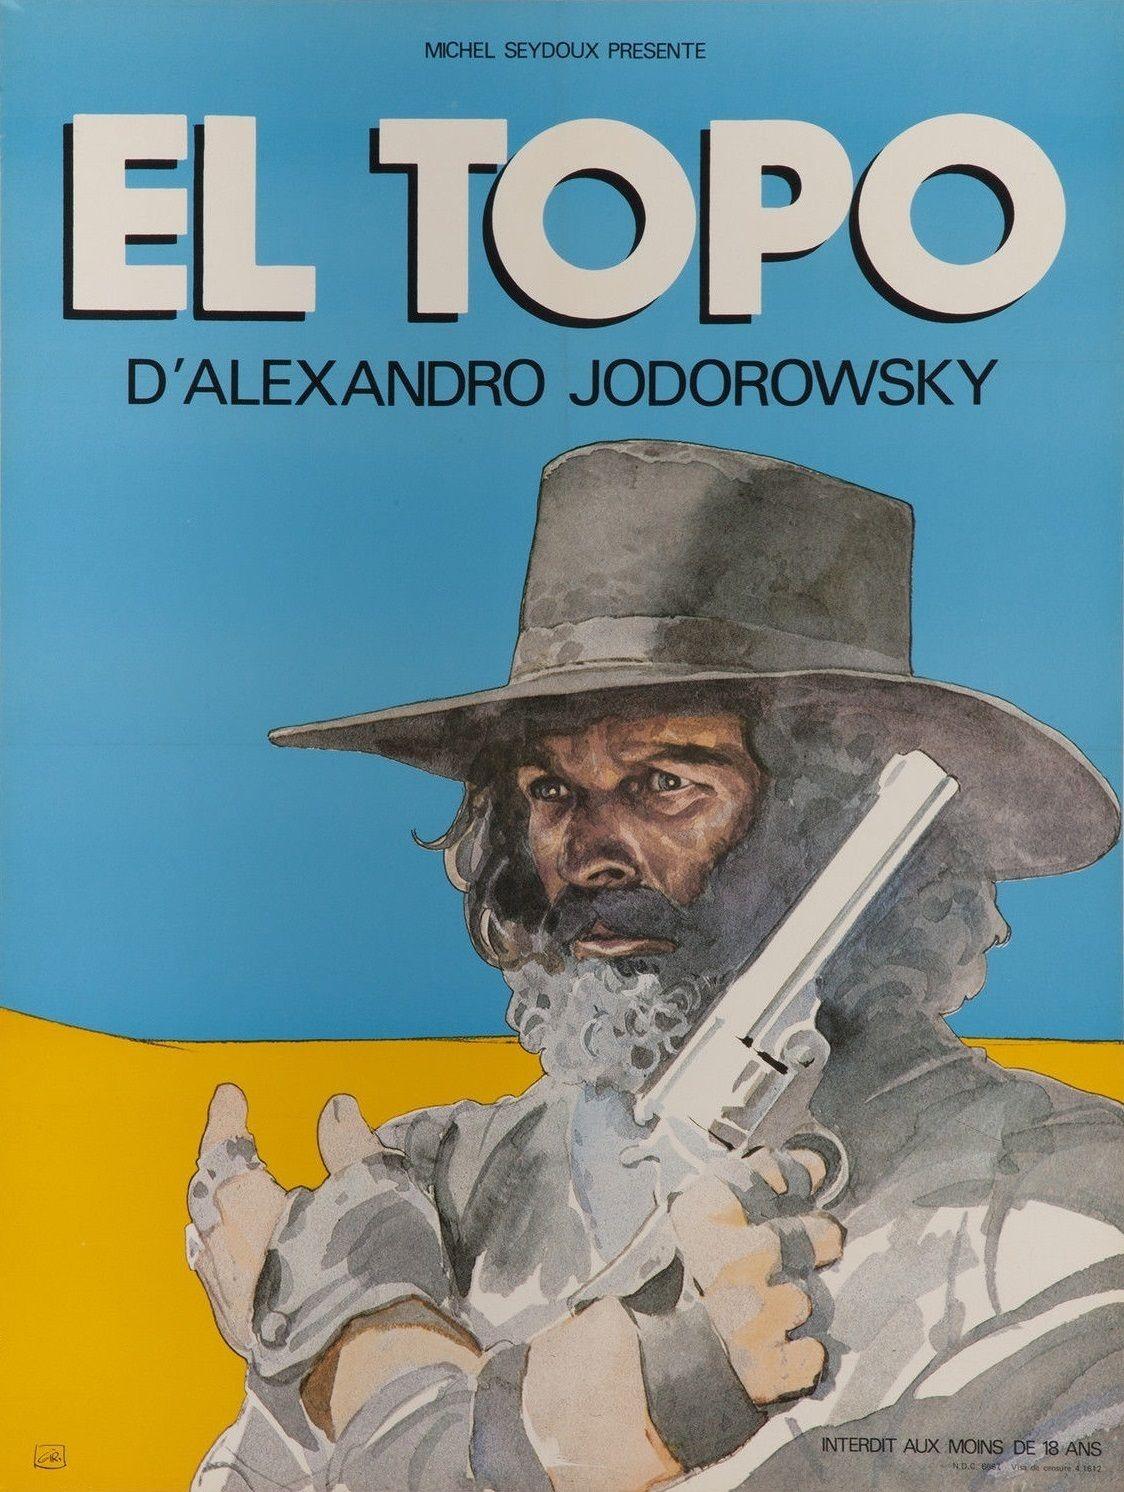 Votre dernier film visionné El_Topo